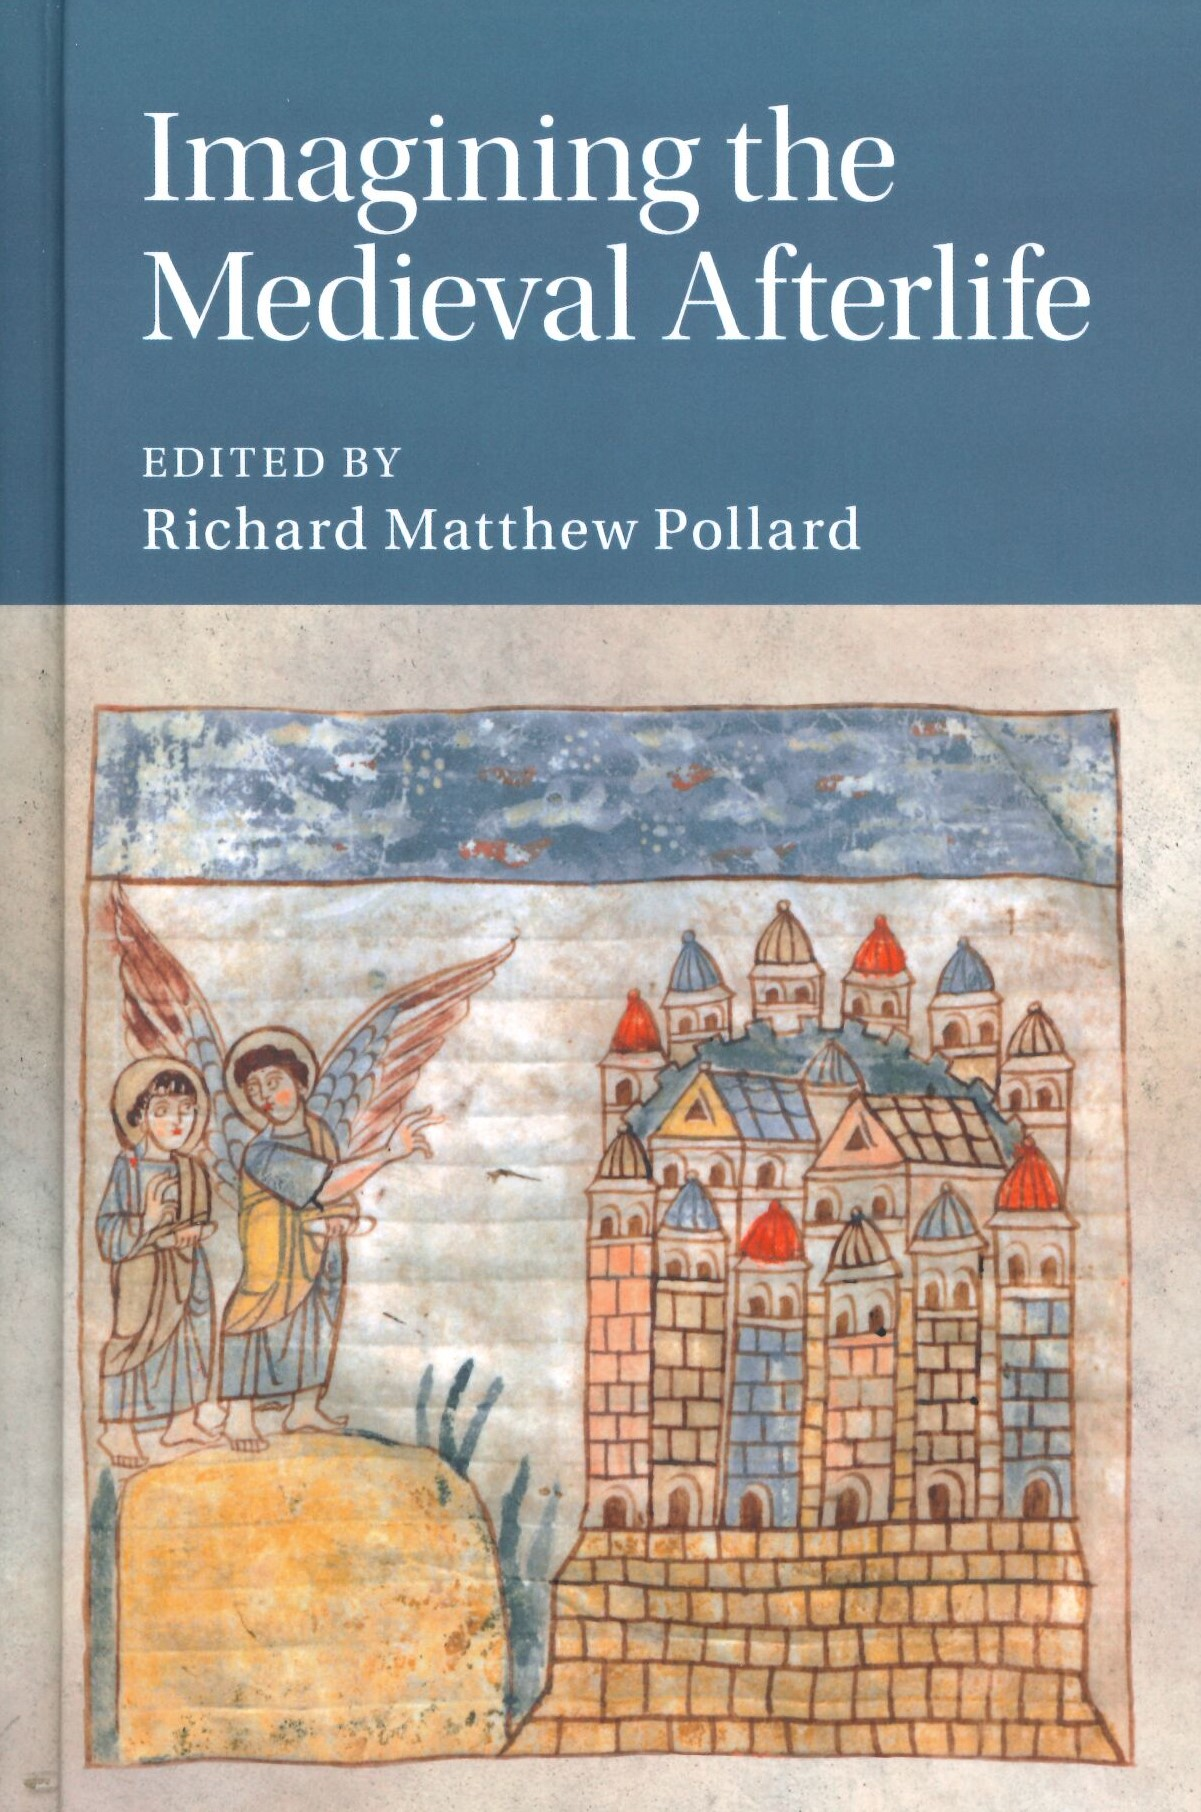 medieval_afterlife.jpg